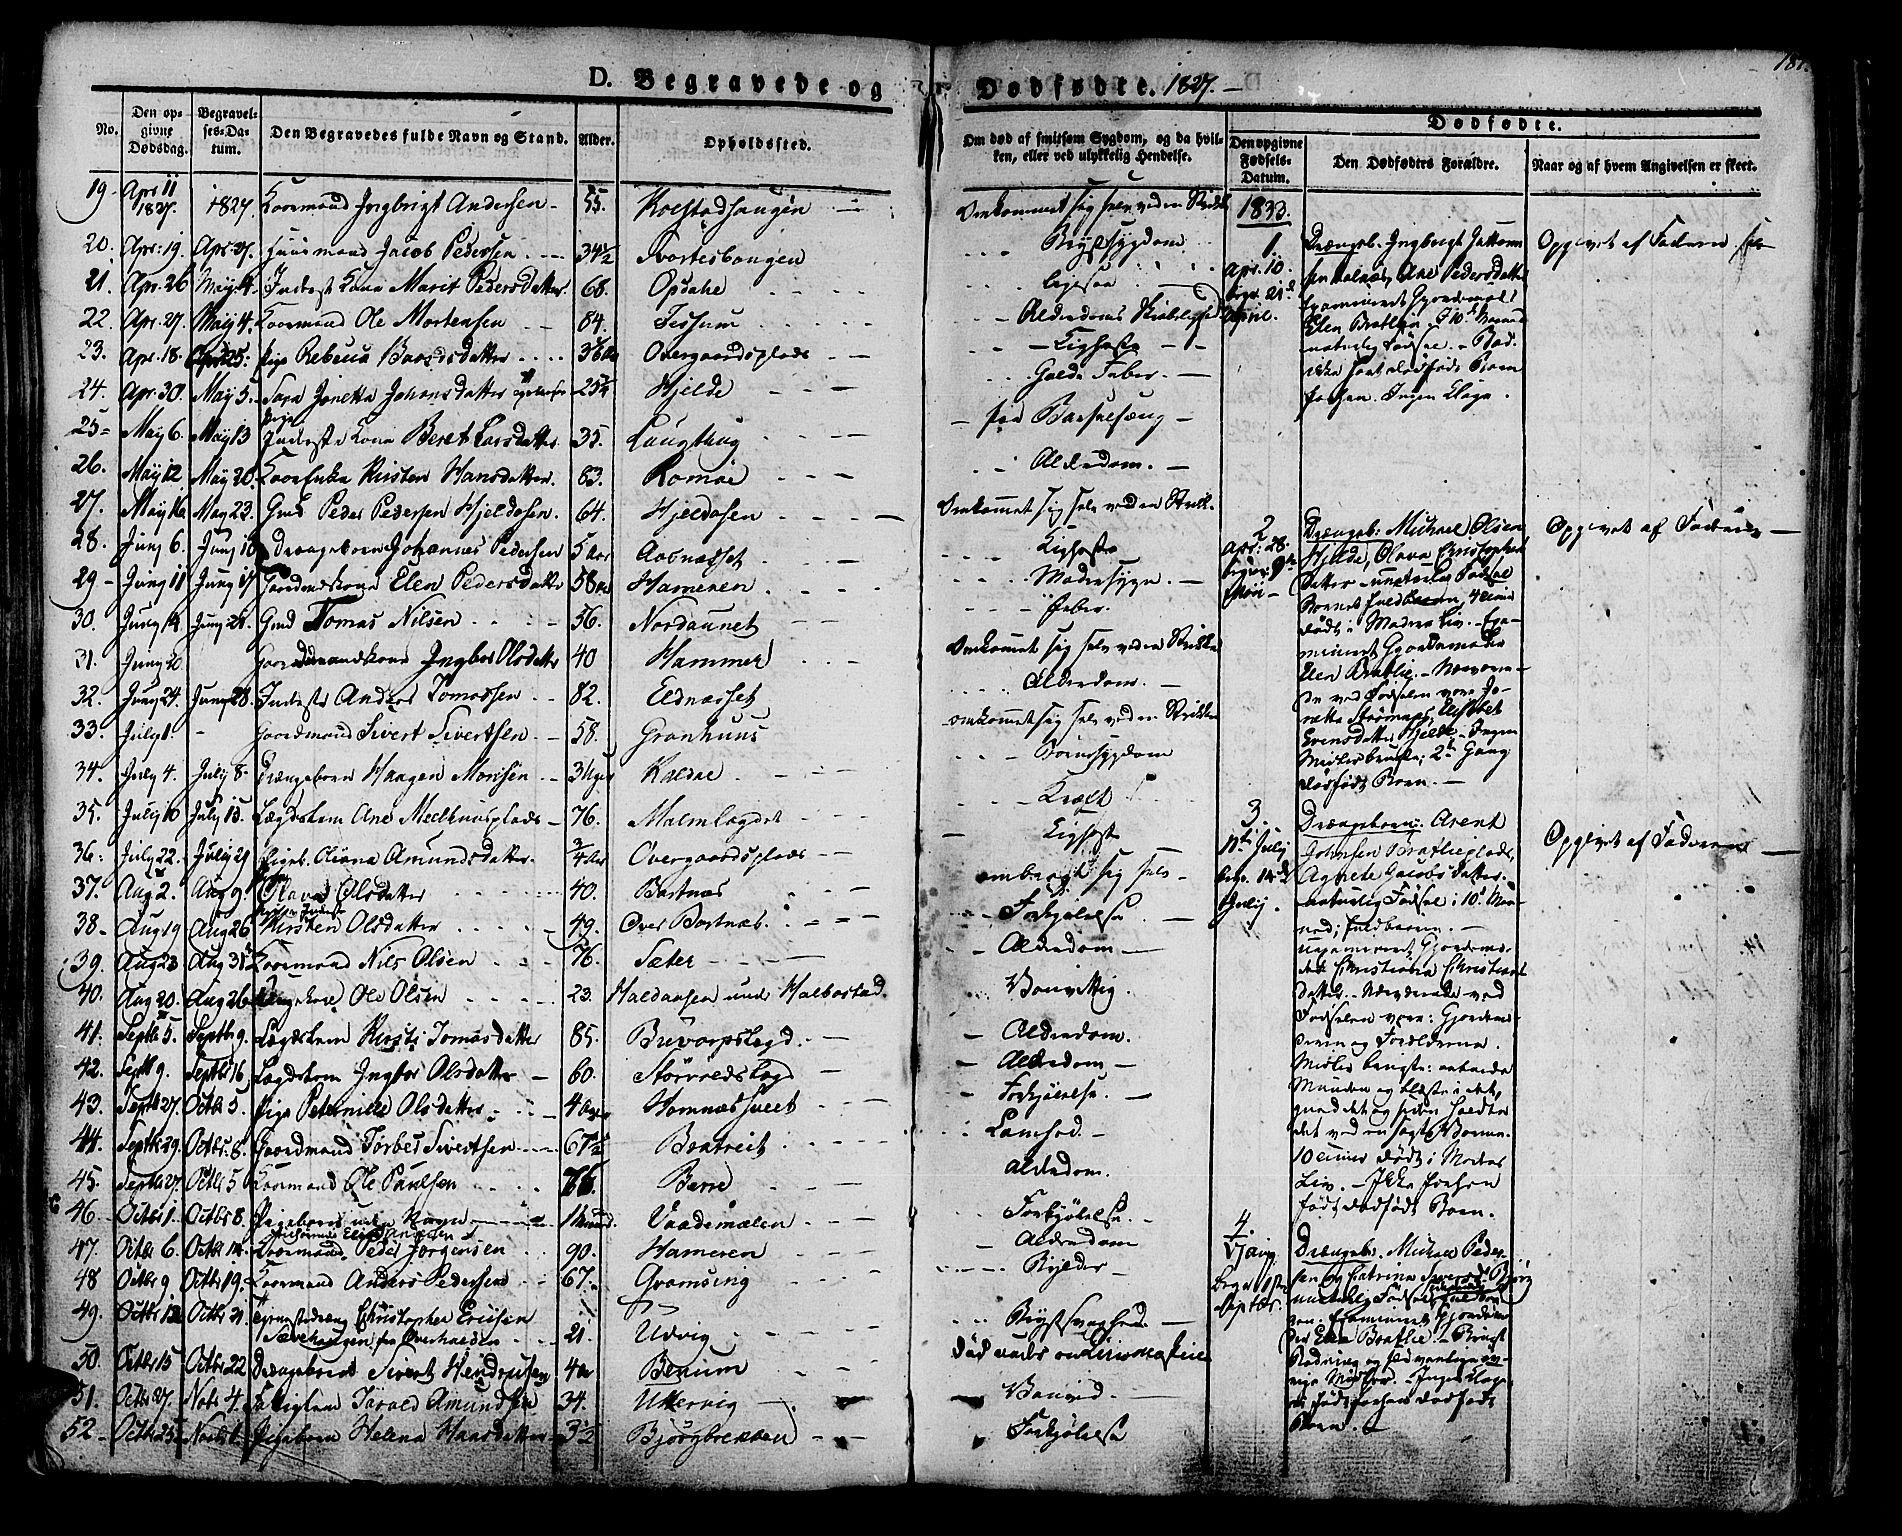 SAT, Ministerialprotokoller, klokkerbøker og fødselsregistre - Nord-Trøndelag, 741/L0390: Ministerialbok nr. 741A04, 1822-1836, s. 187